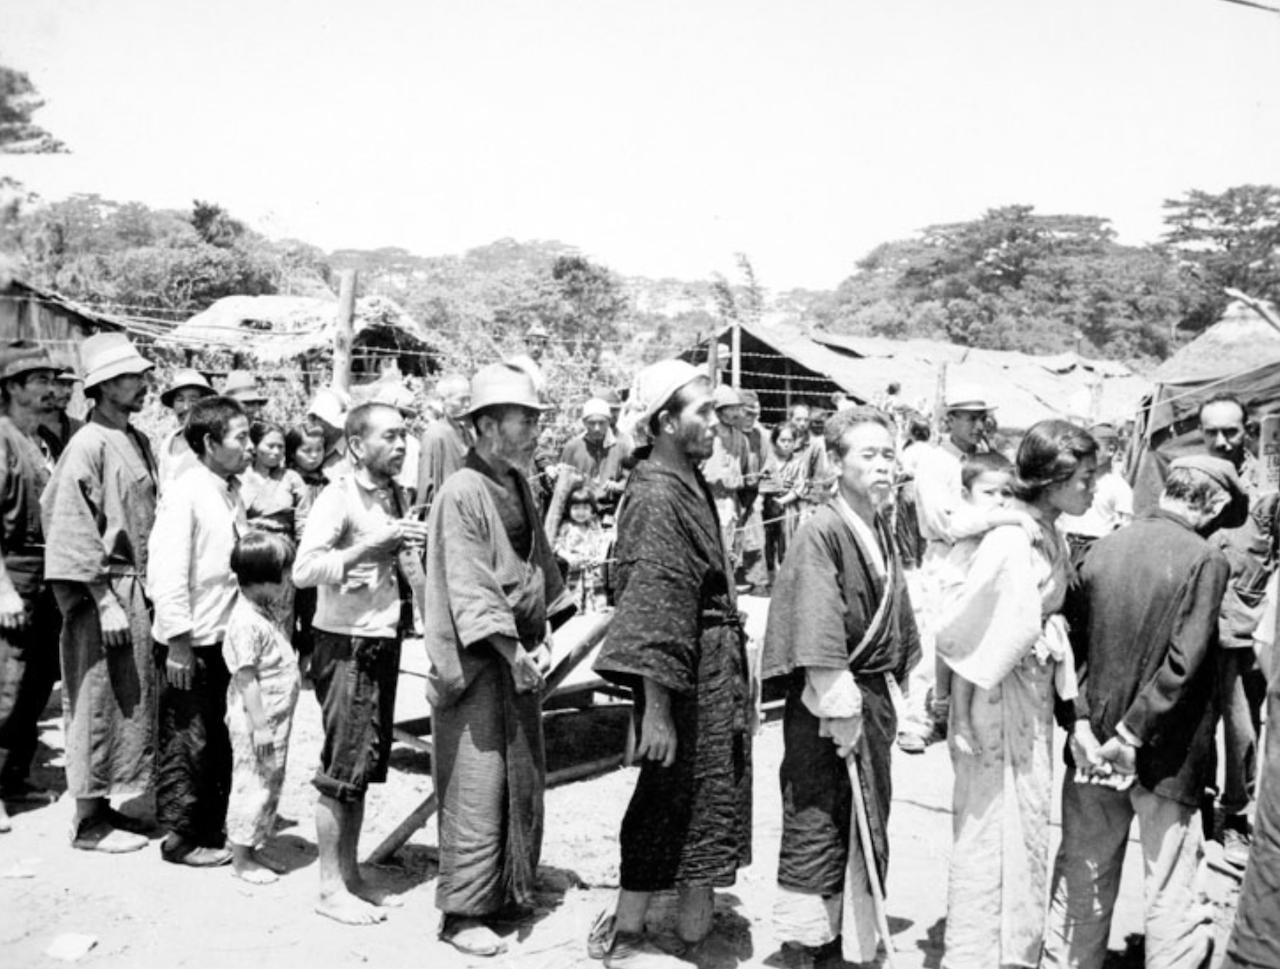 収容所に収容される人たち